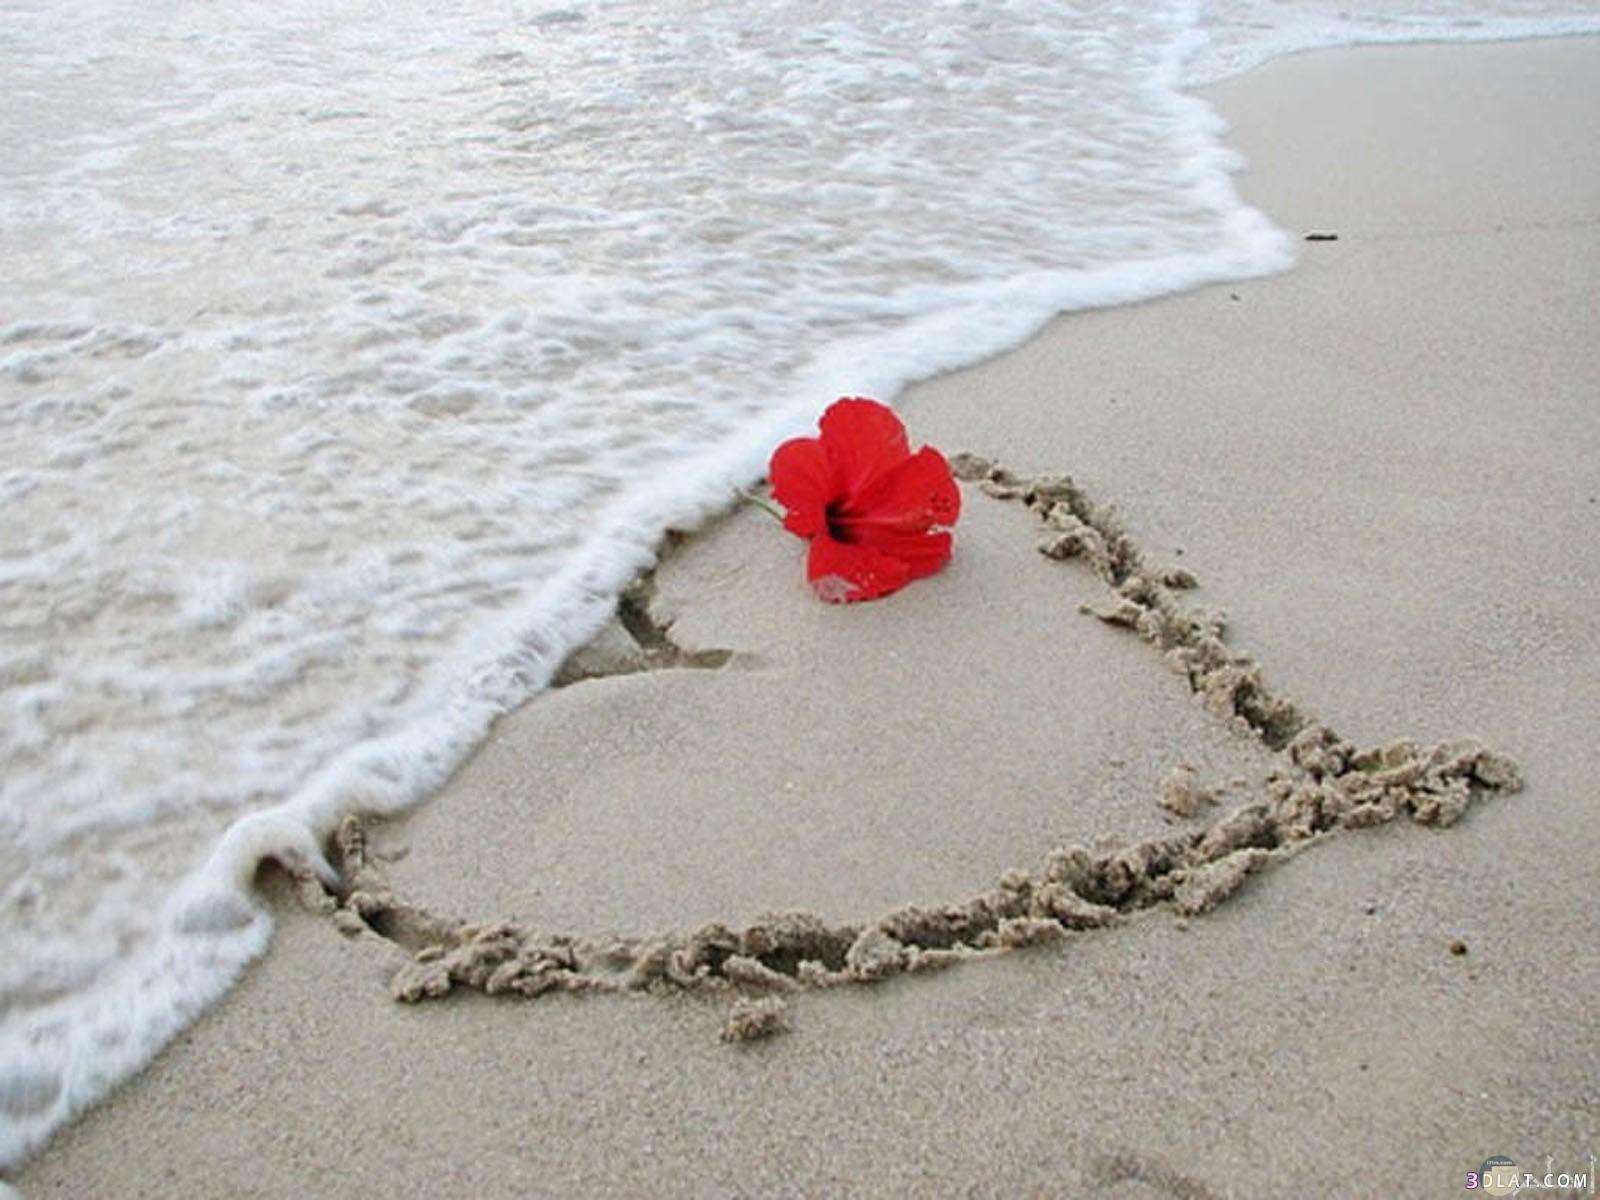 قلب على رمال الشاطئ.